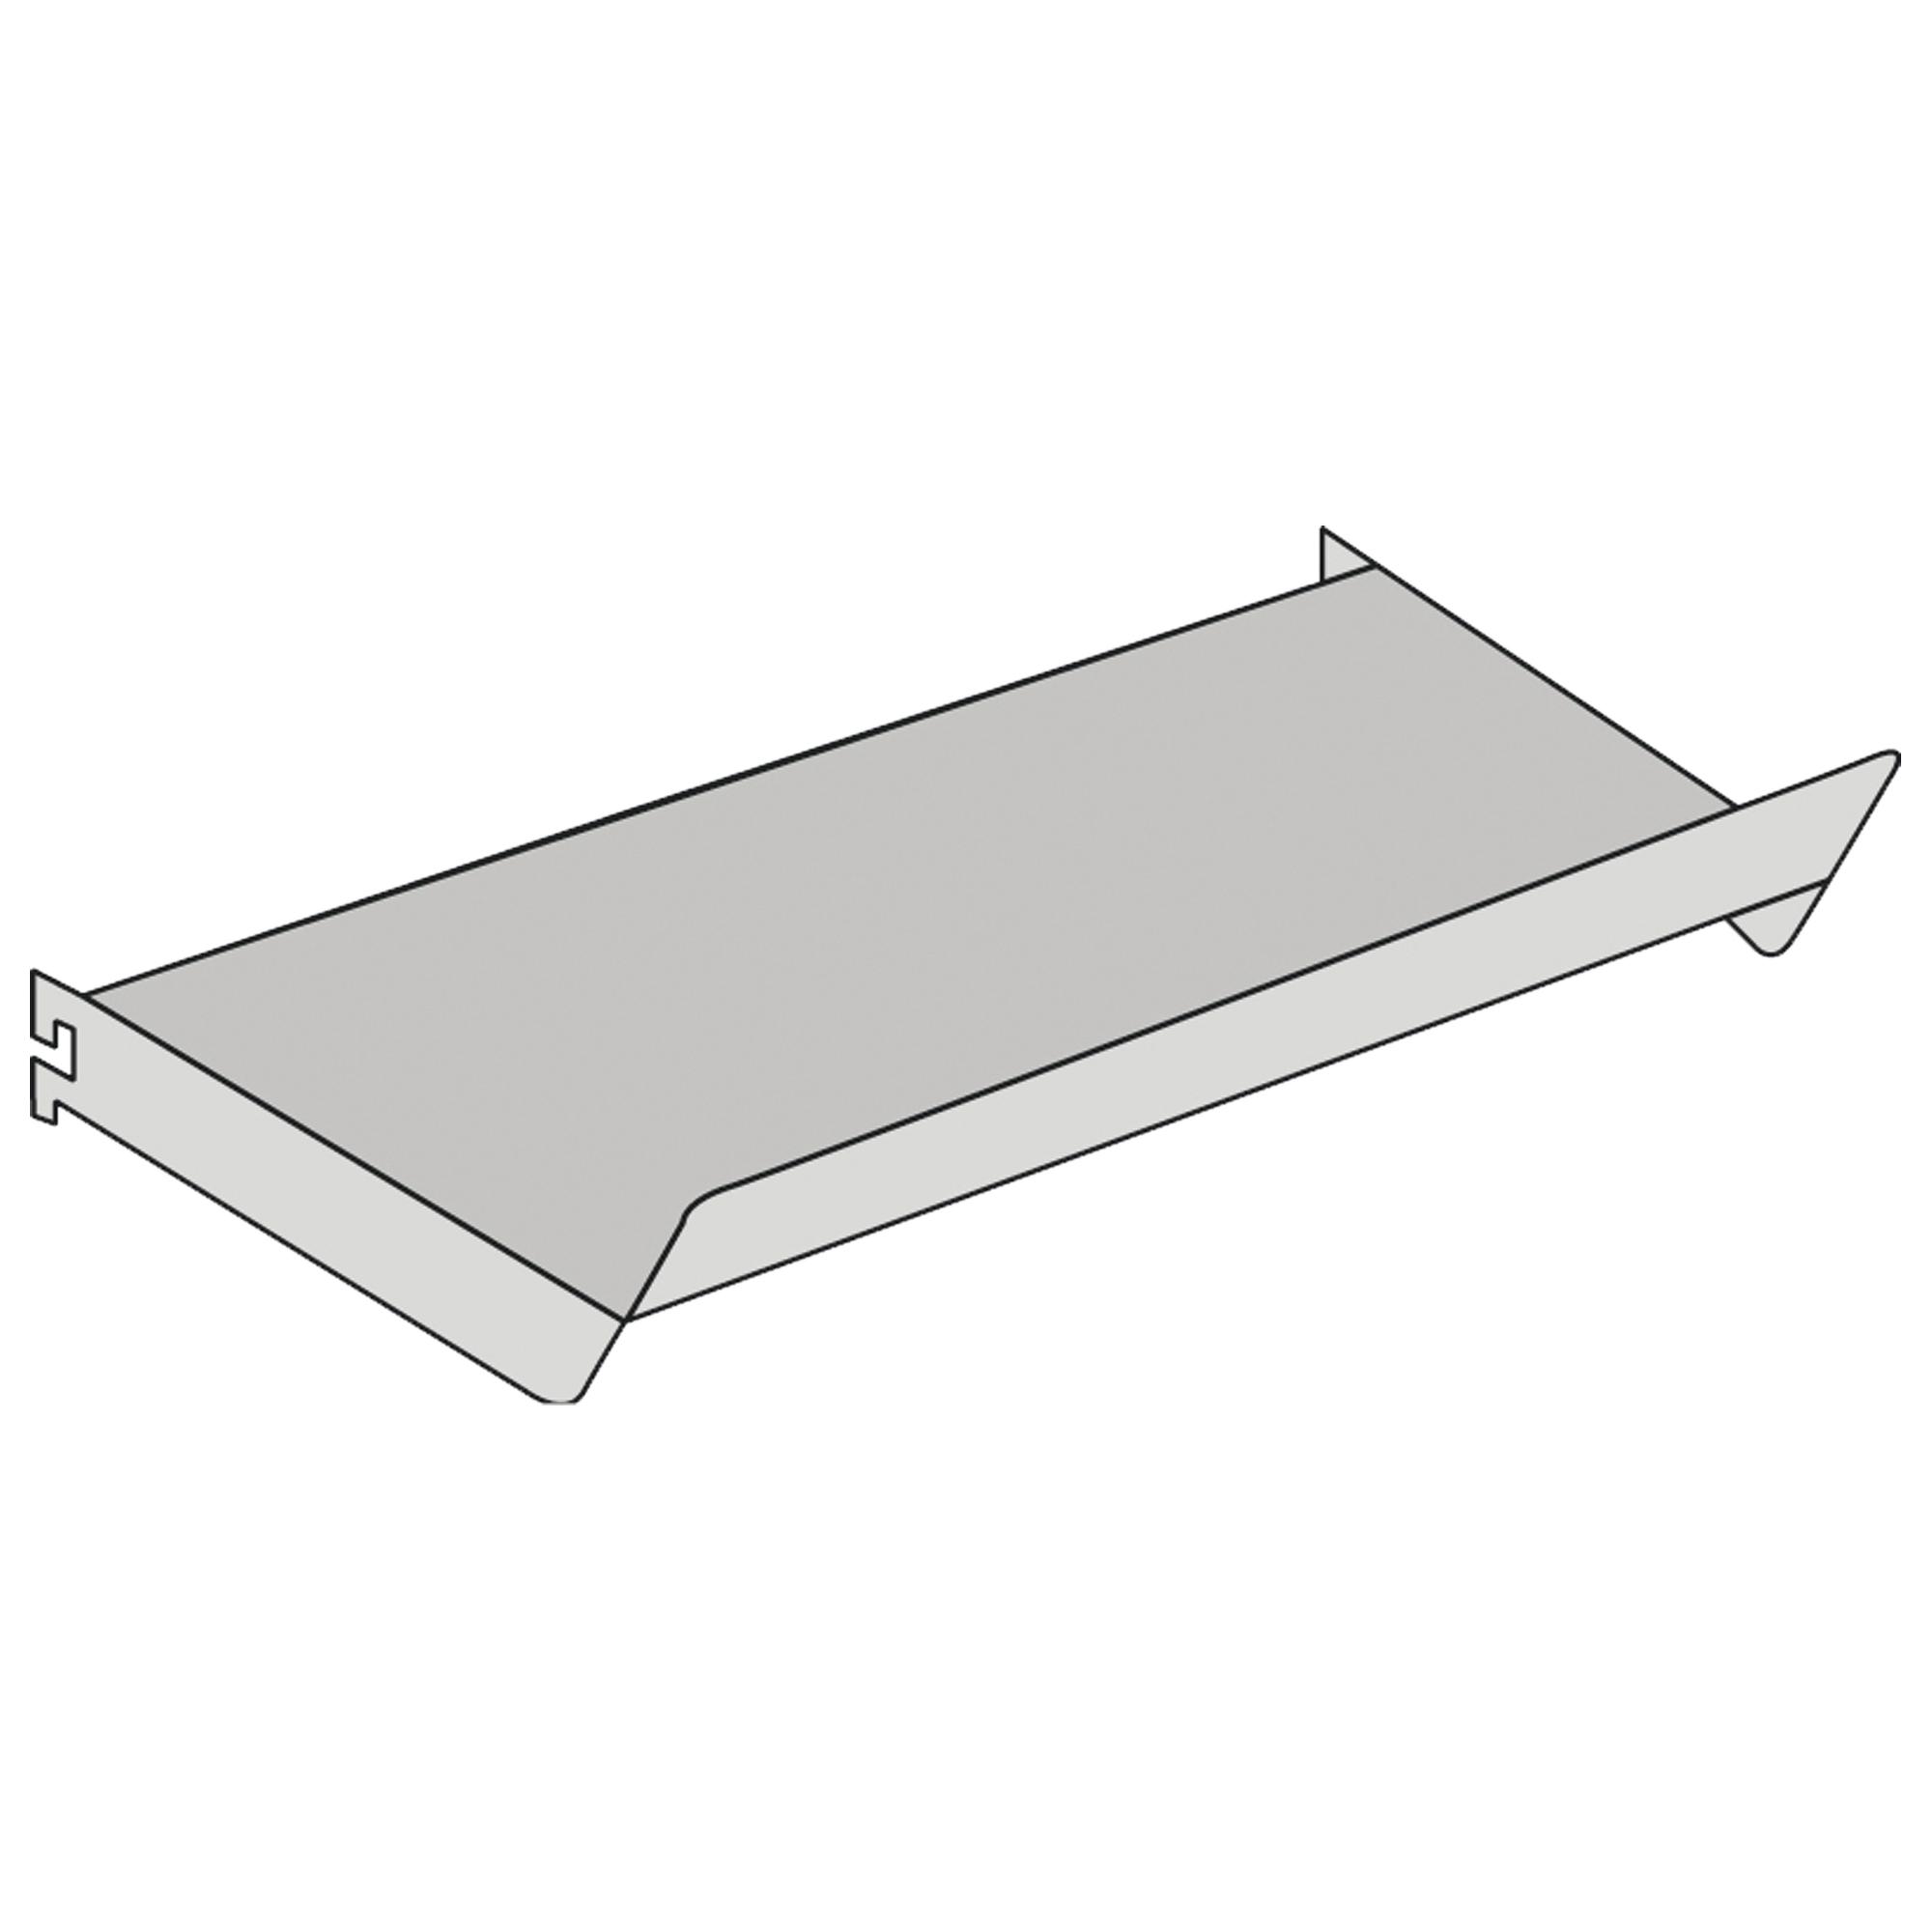 Schrägboden für Freiarm-Regal, B 750 x T 300 mm